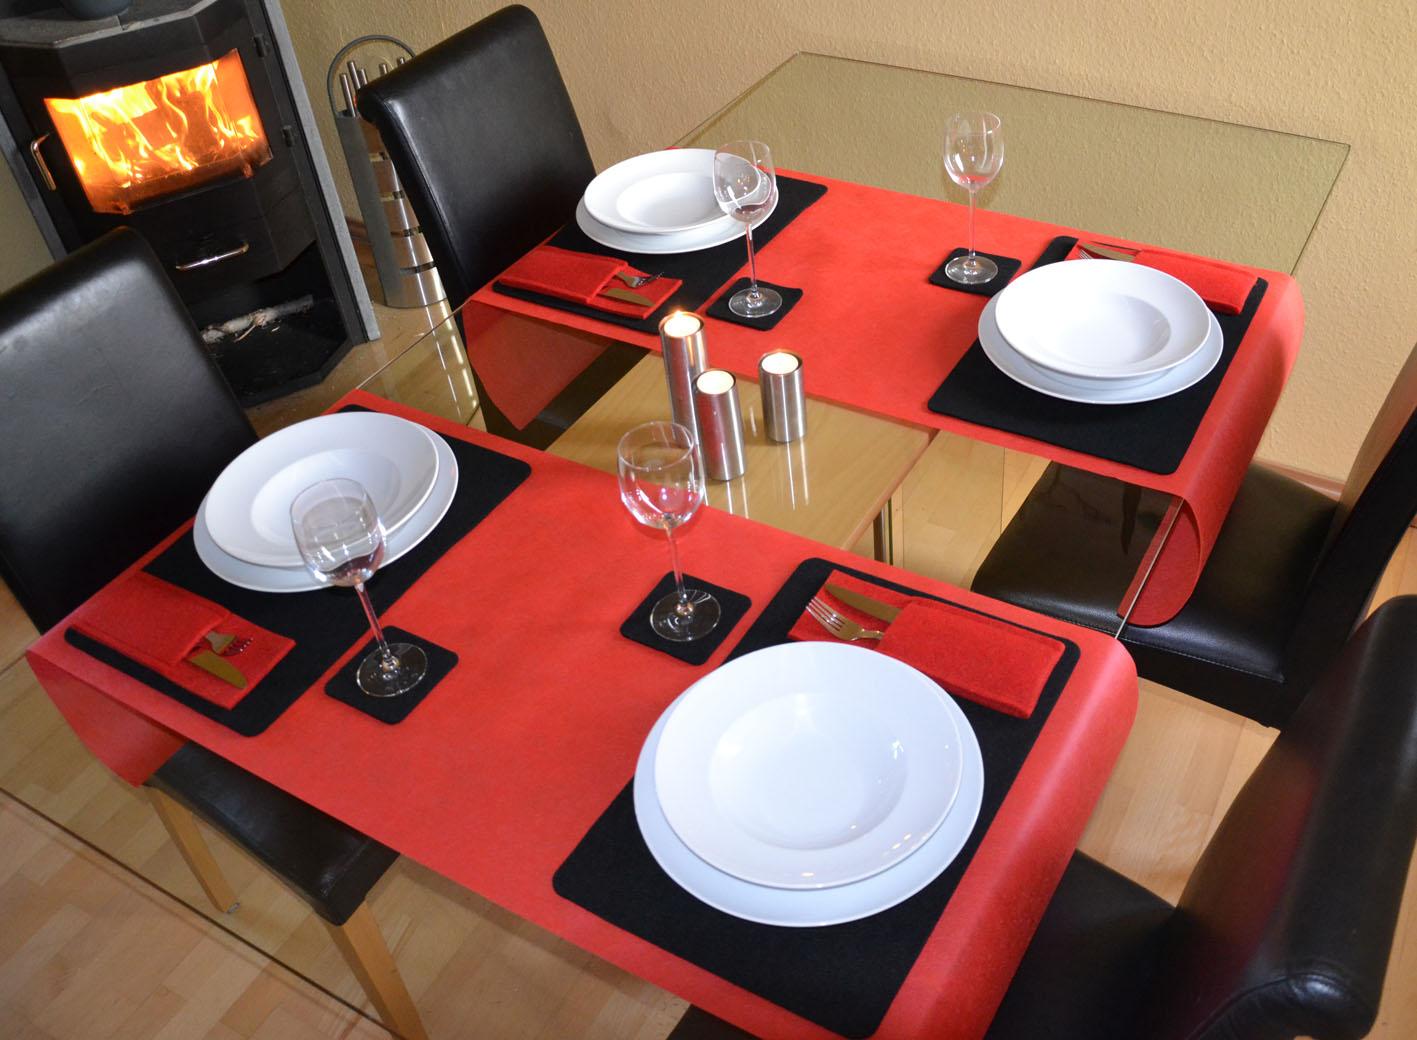 tischsets aus filz angebote auf waterige. Black Bedroom Furniture Sets. Home Design Ideas